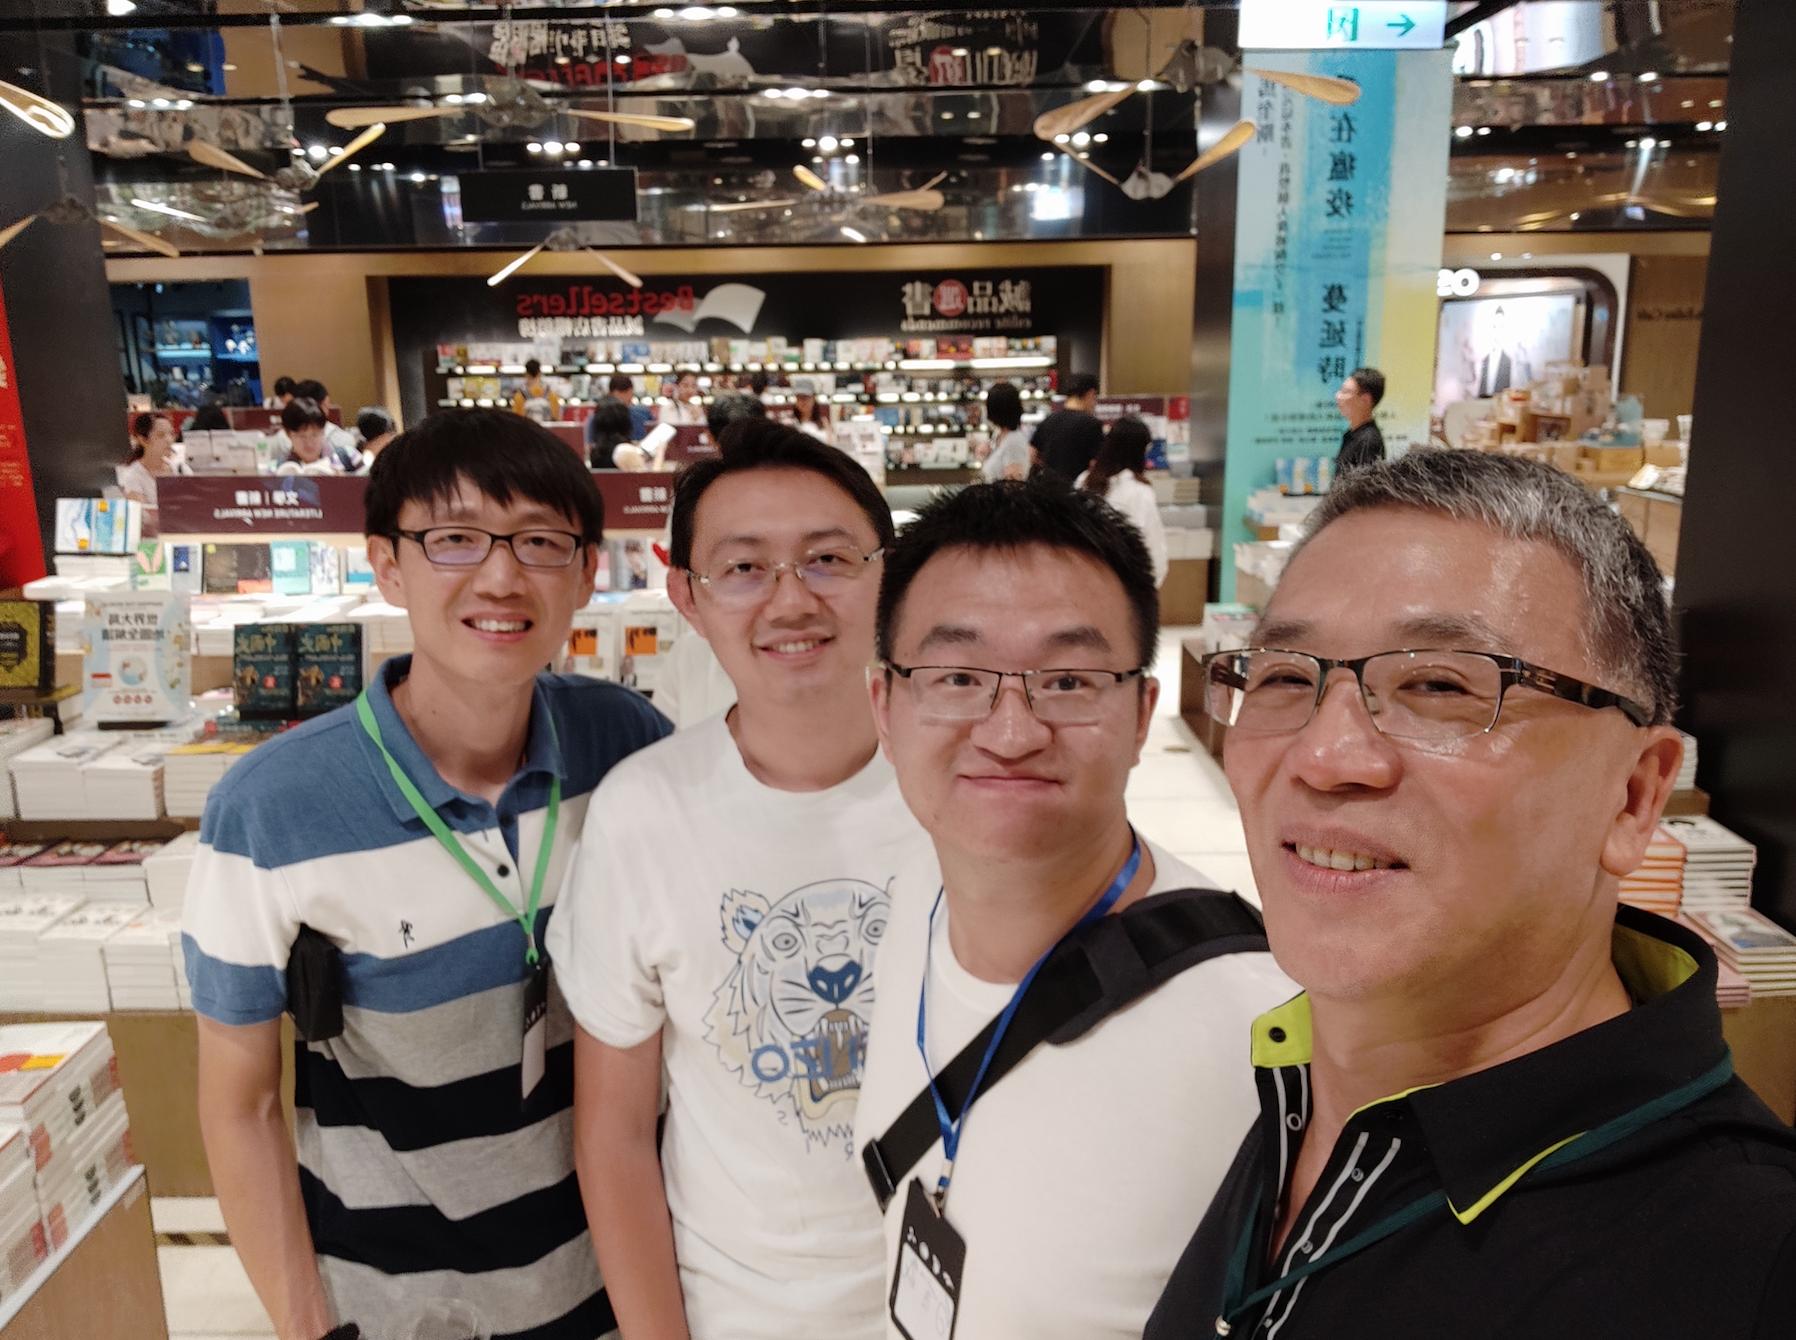 左起分别是王蕴博老师(滴滴)、吴晟老师(Apache Skywalking)、我、Ted 刘(开源社理事)